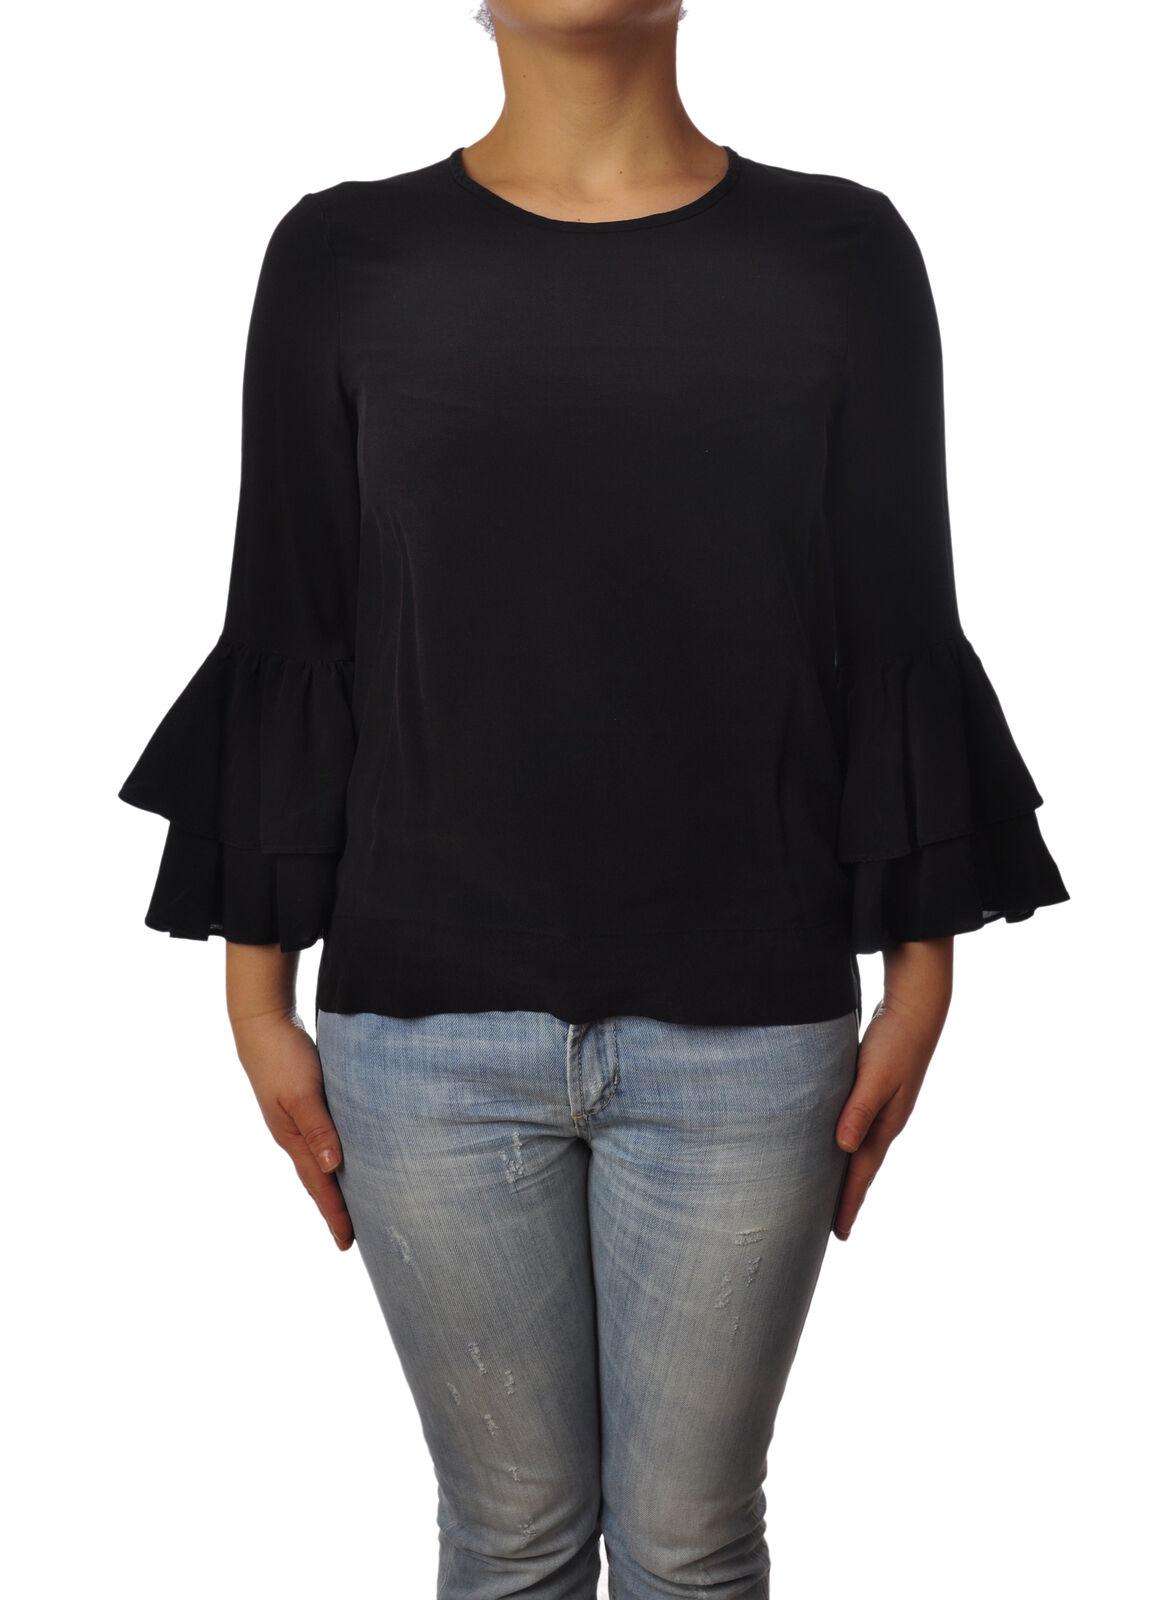 Ottod'ame - Hemden-azulsen - Frau -  negro - 4923201H184932  envío gratuito a nivel mundial